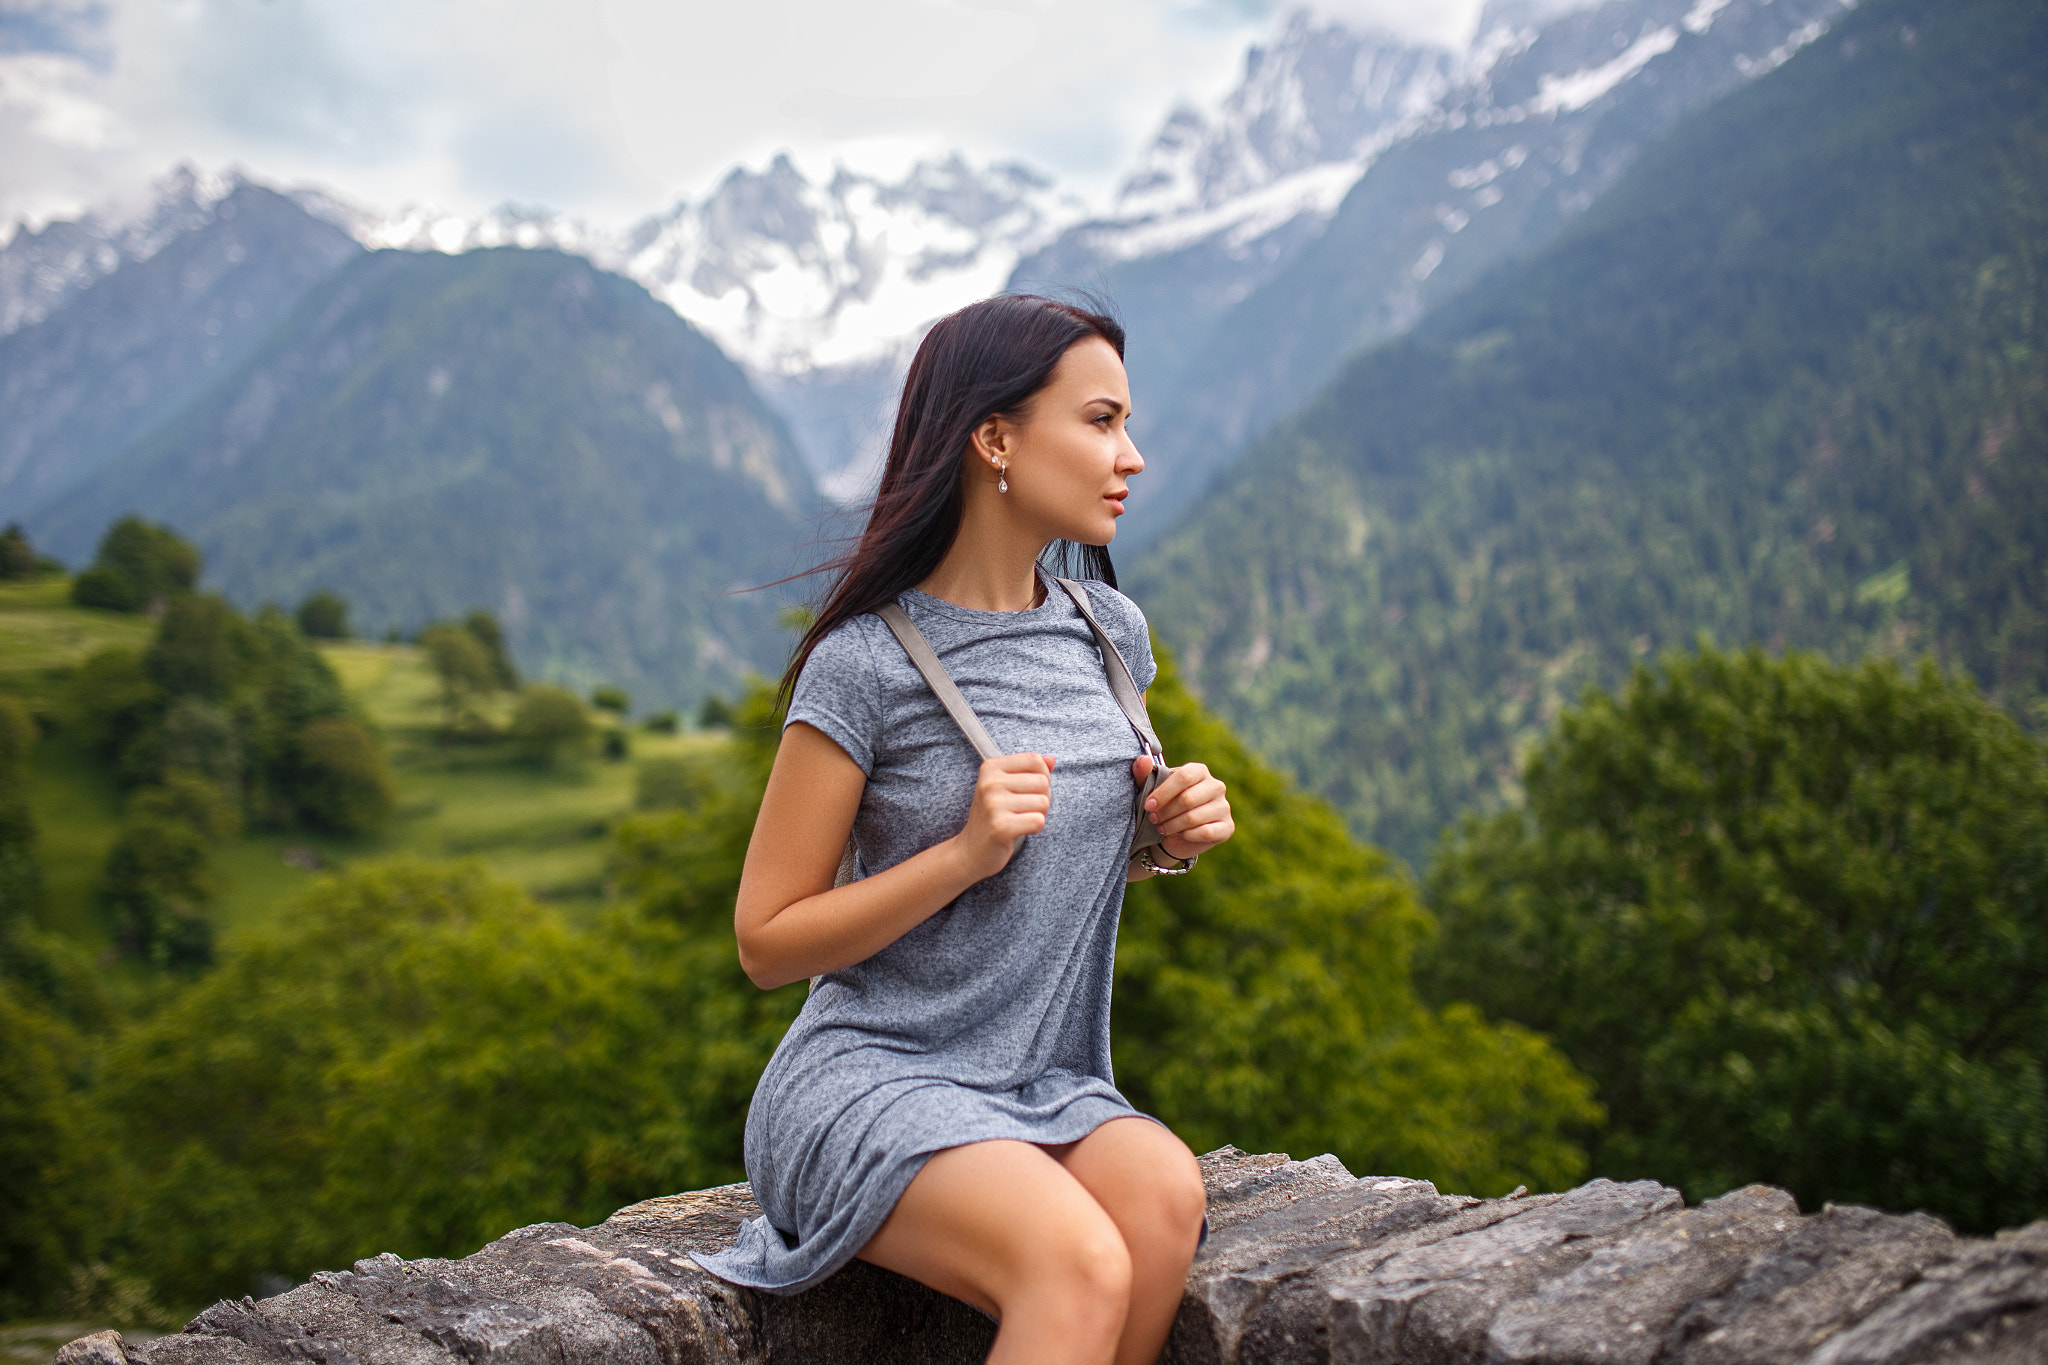 продажа фотосессия в горах летом представил, что оттуда